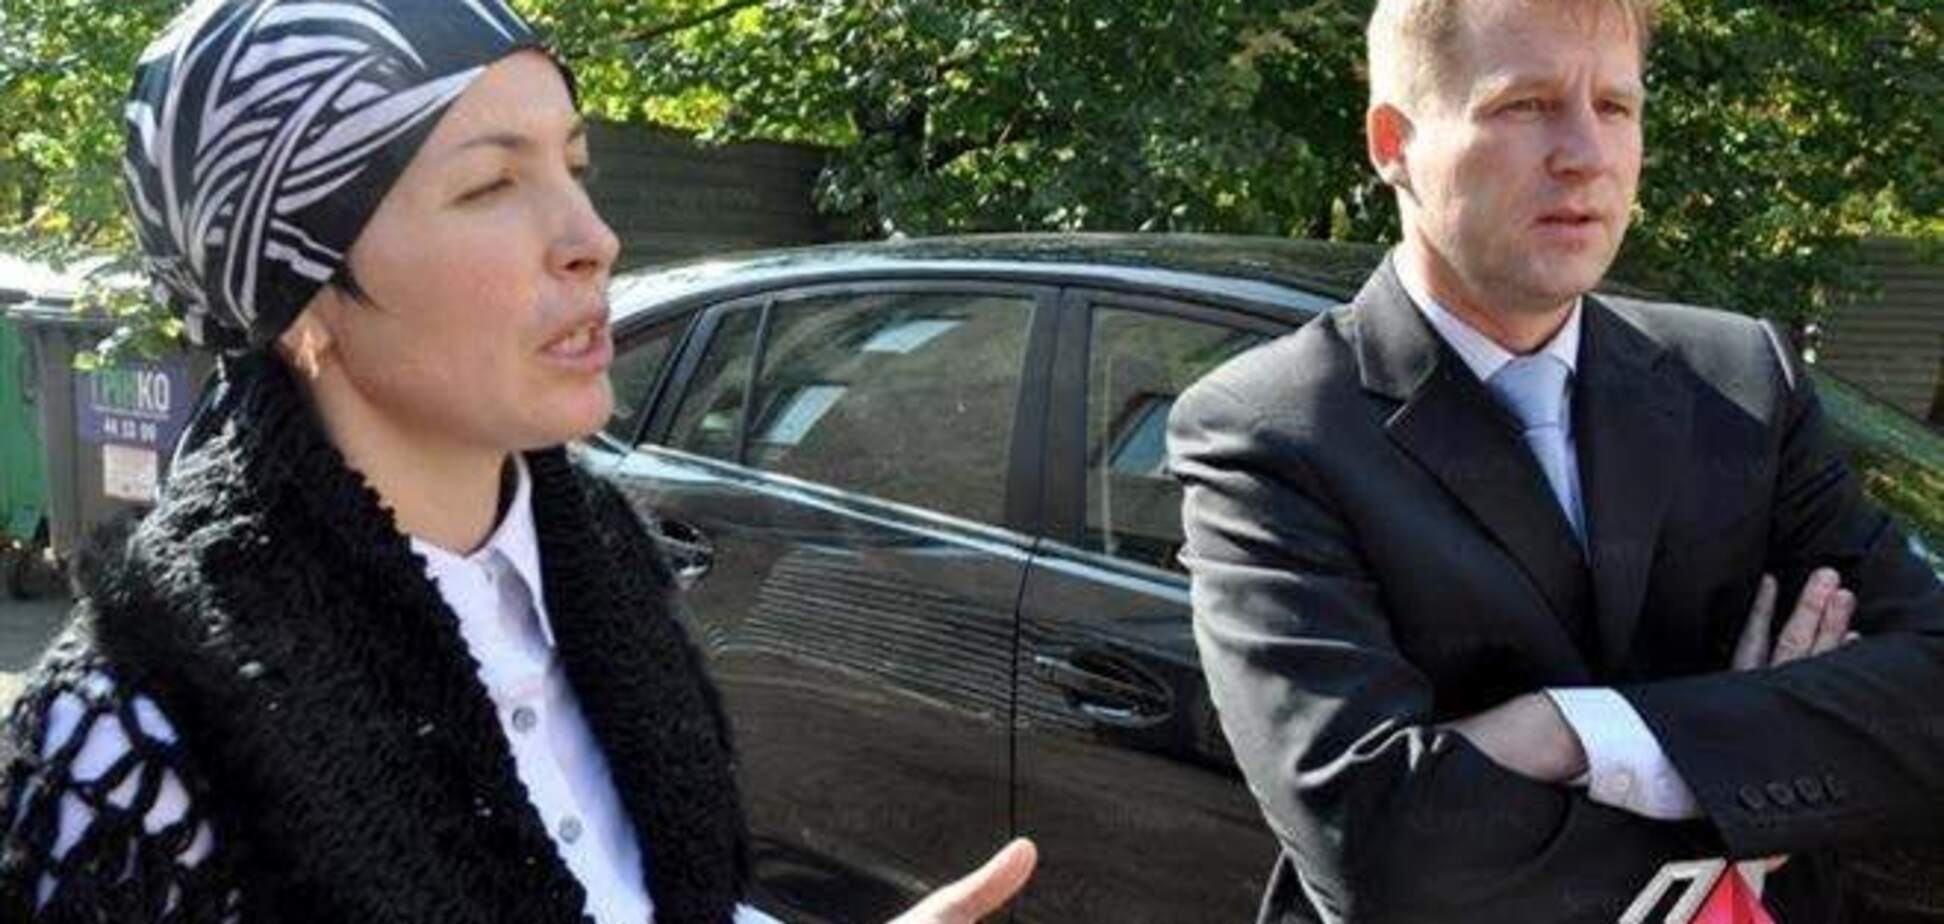 Защита Дрижака: эксперт не подтверждает изнасилование Крашковой